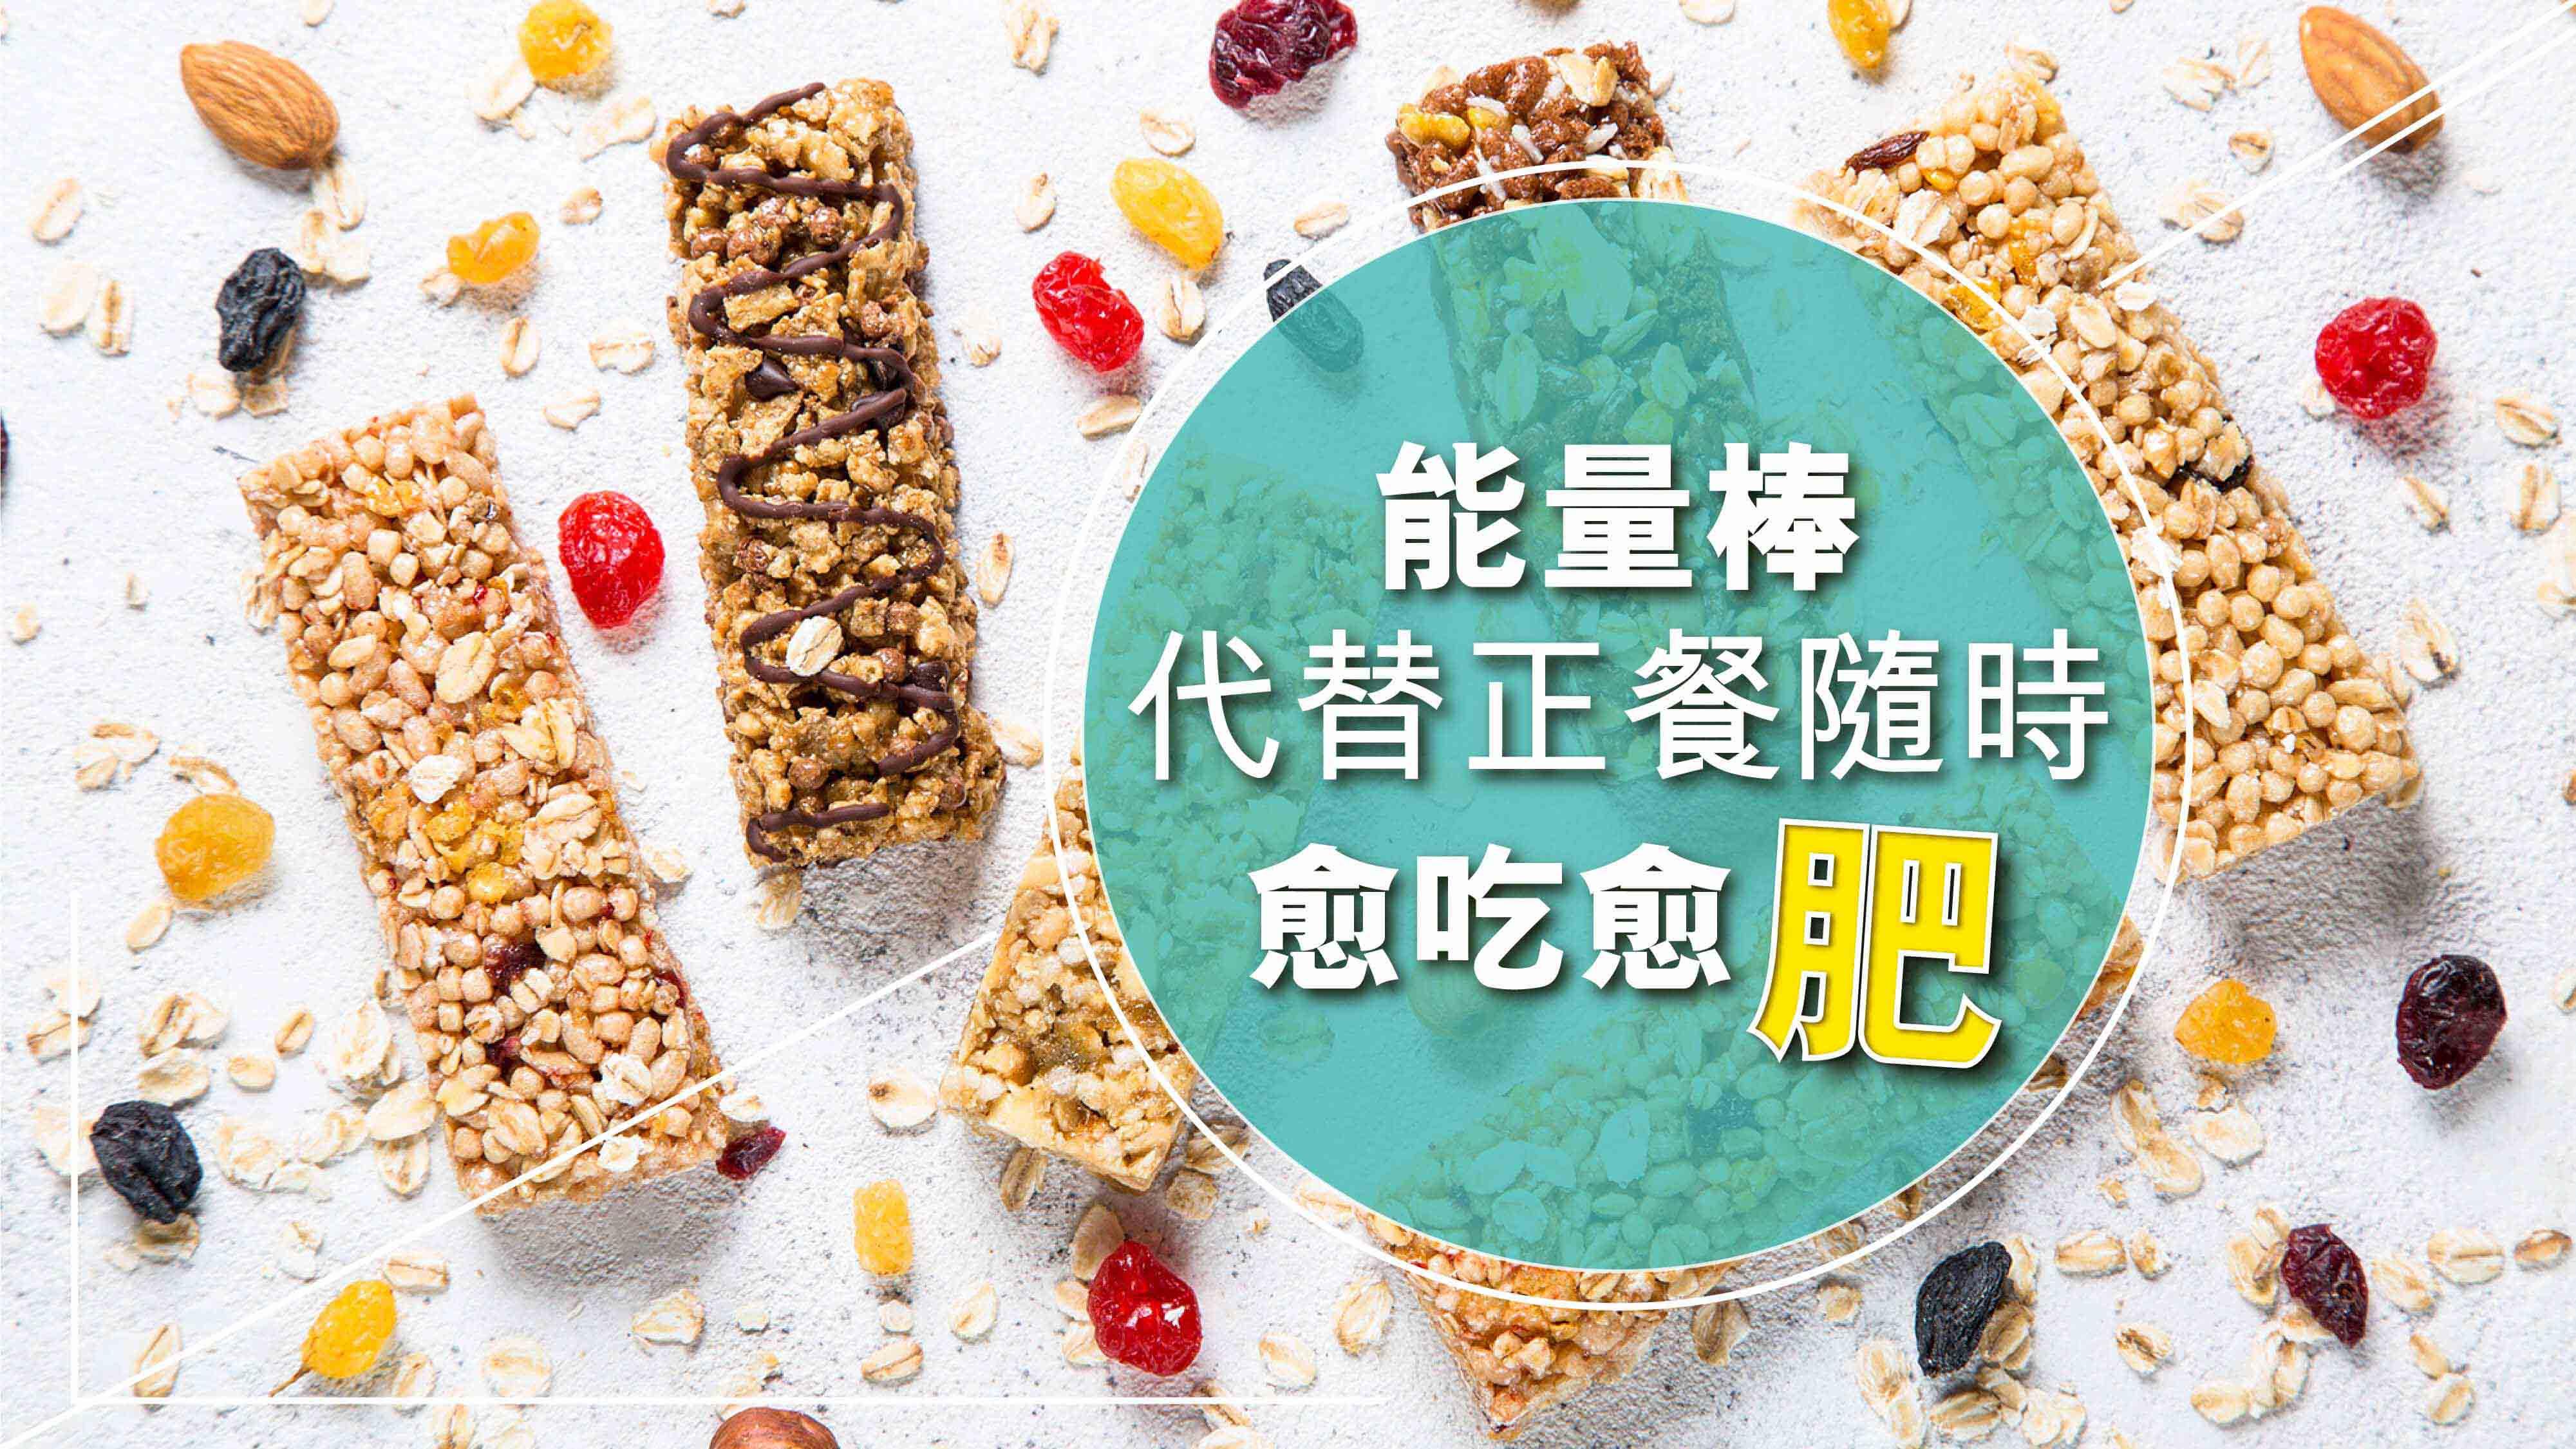 【能量棒代替正餐隨時愈吃愈肥!】